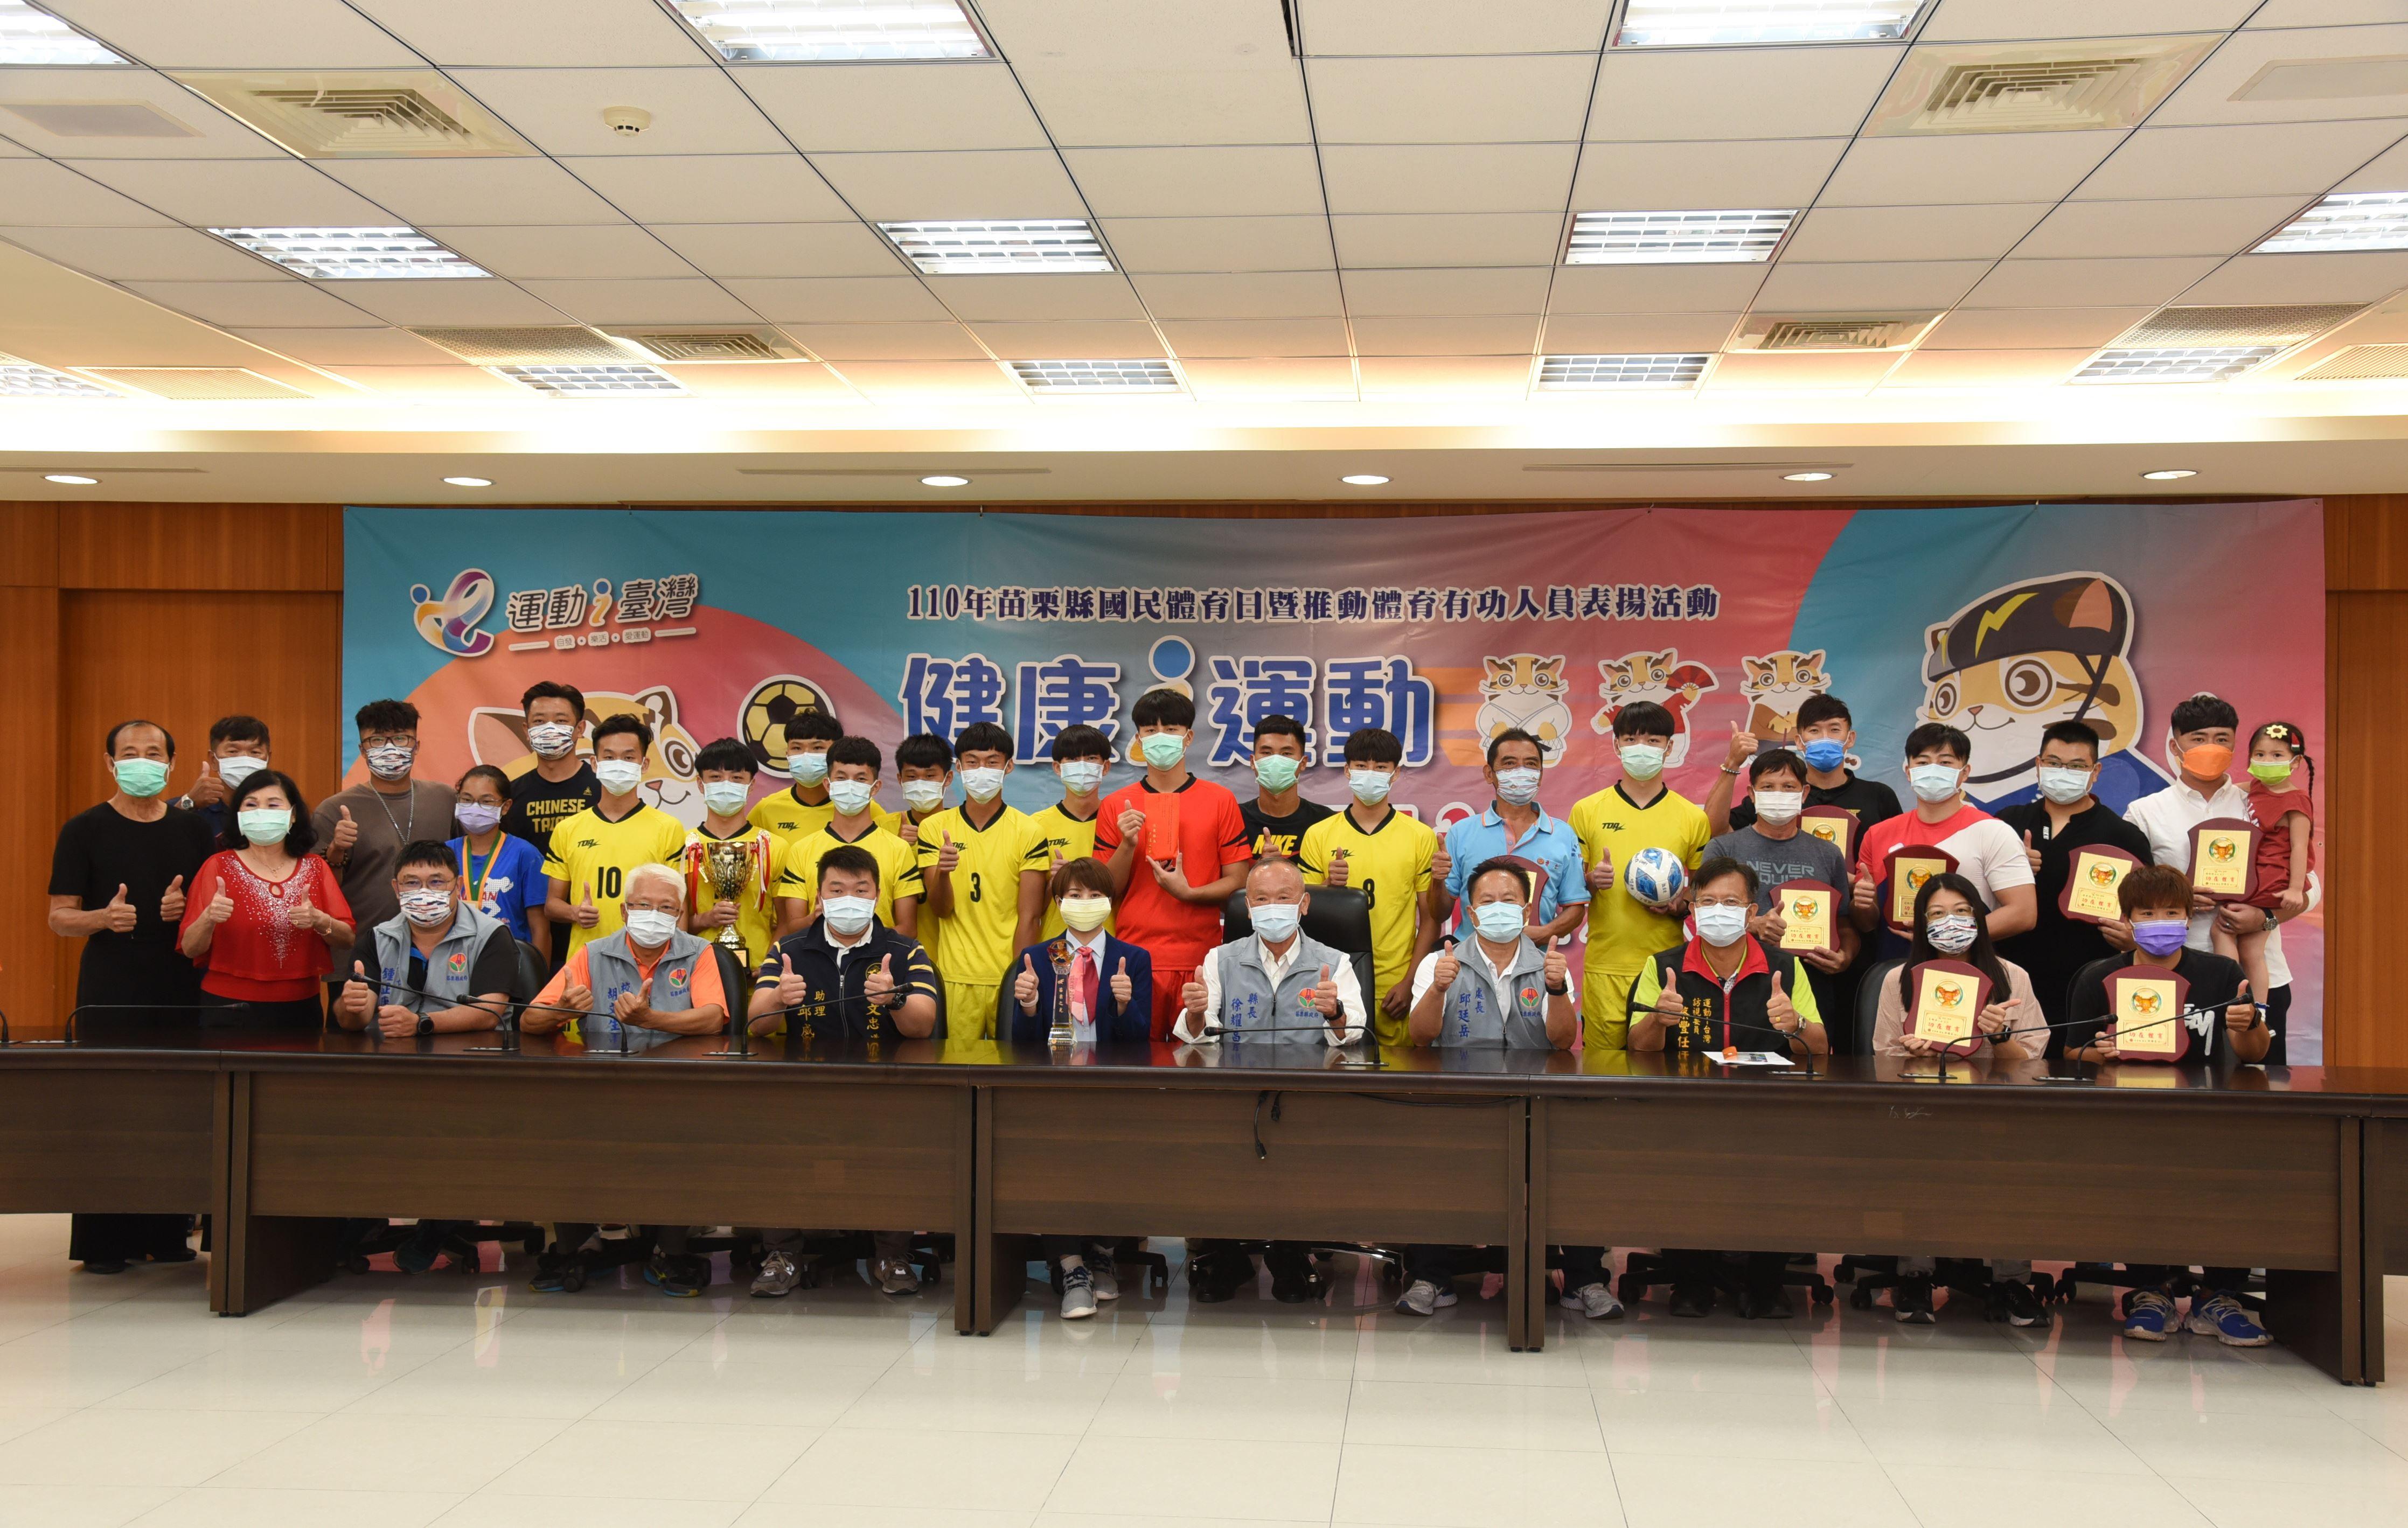 09A縣府-有功體育人員與傑出選手DSC_9395.JPG